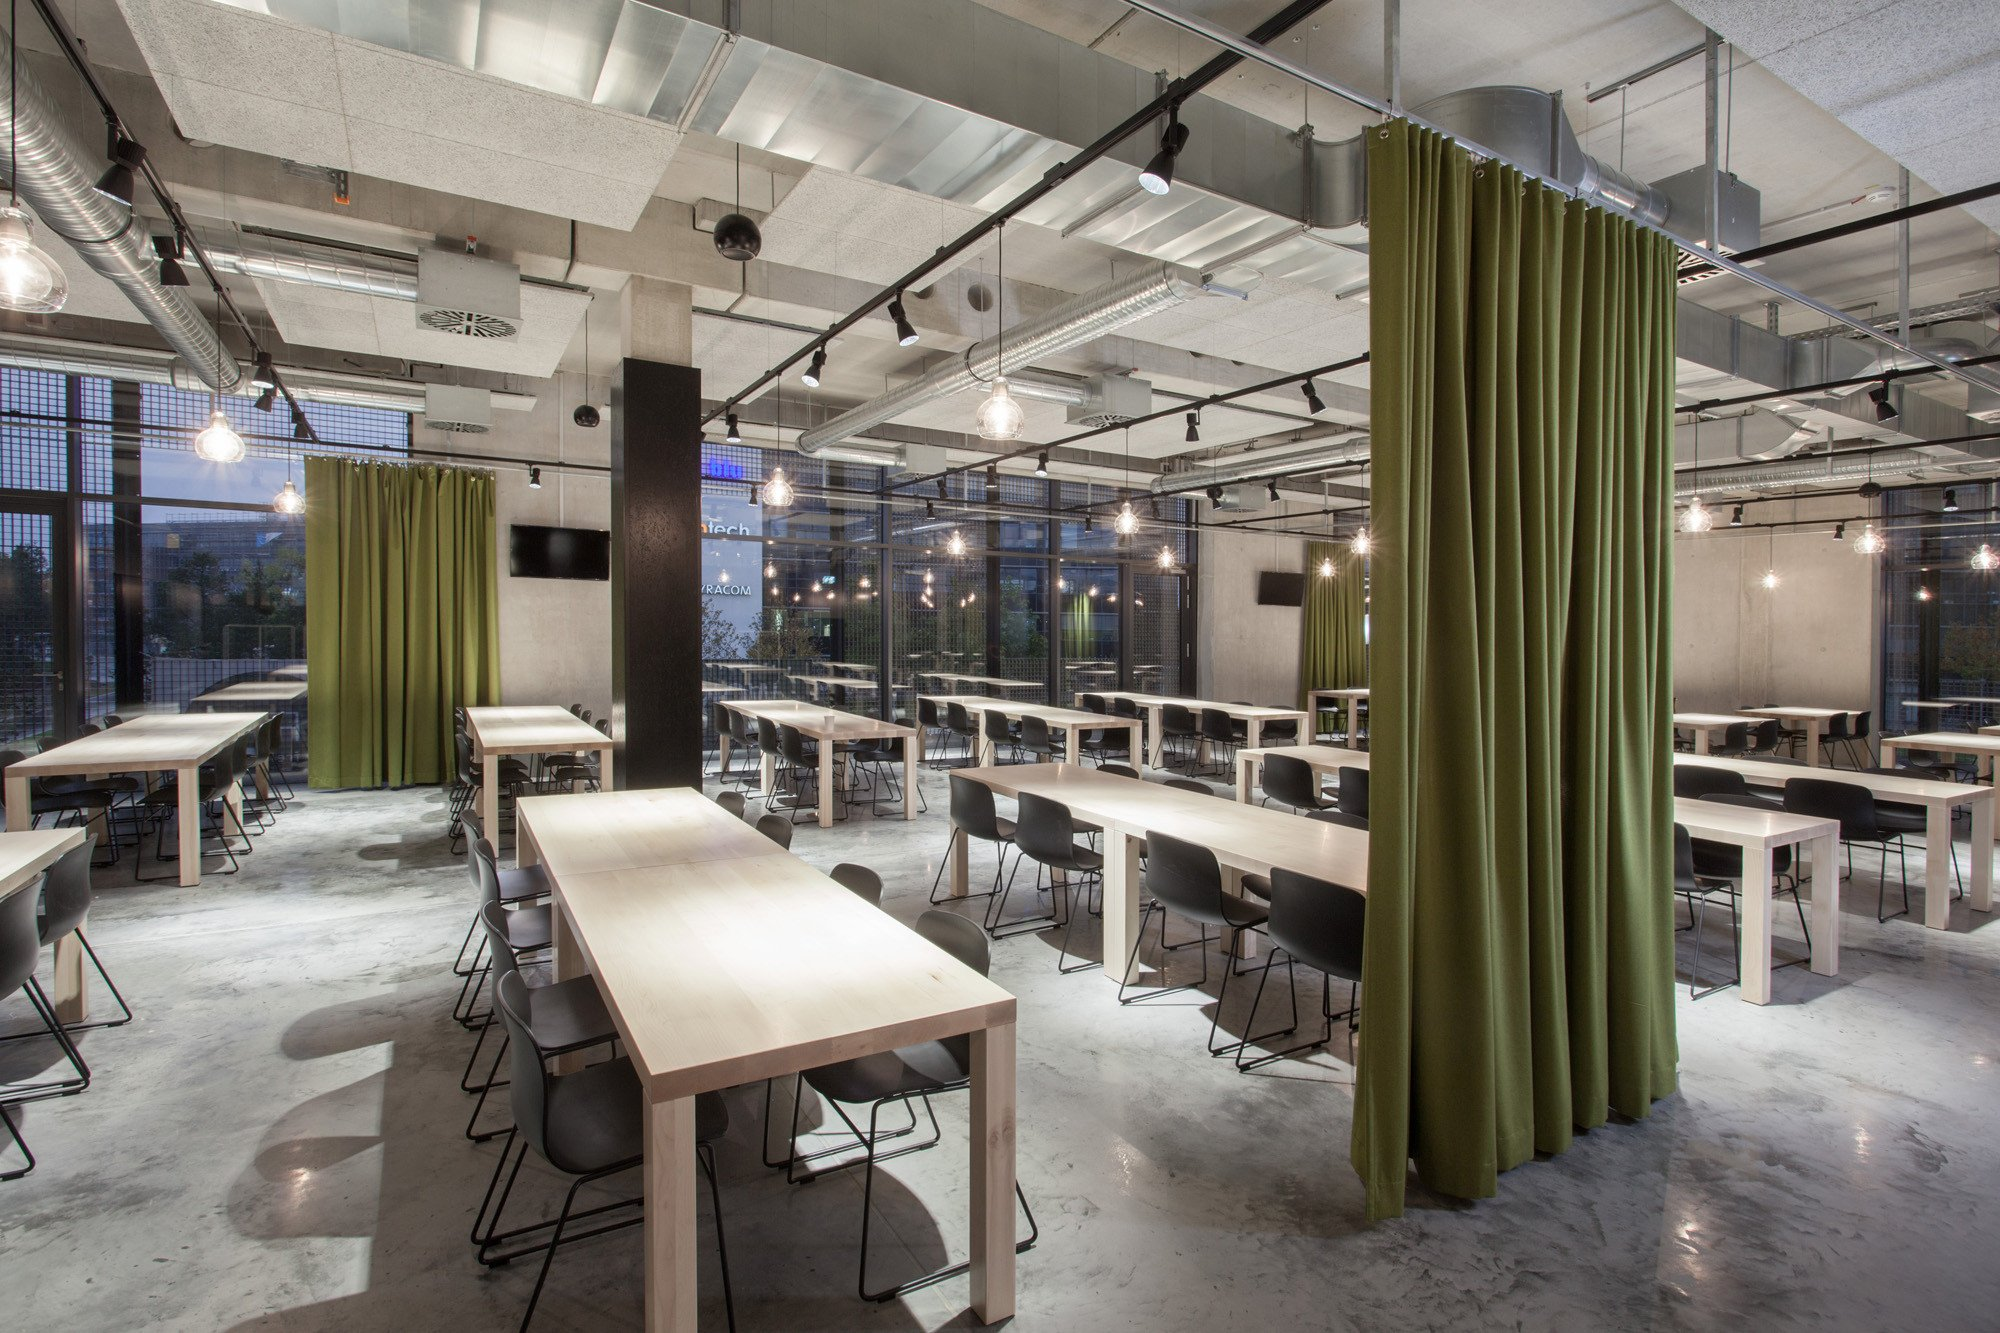 Vorhang Schallabsorbierend raumteilende und schallabsorbierende vorhänge akustik